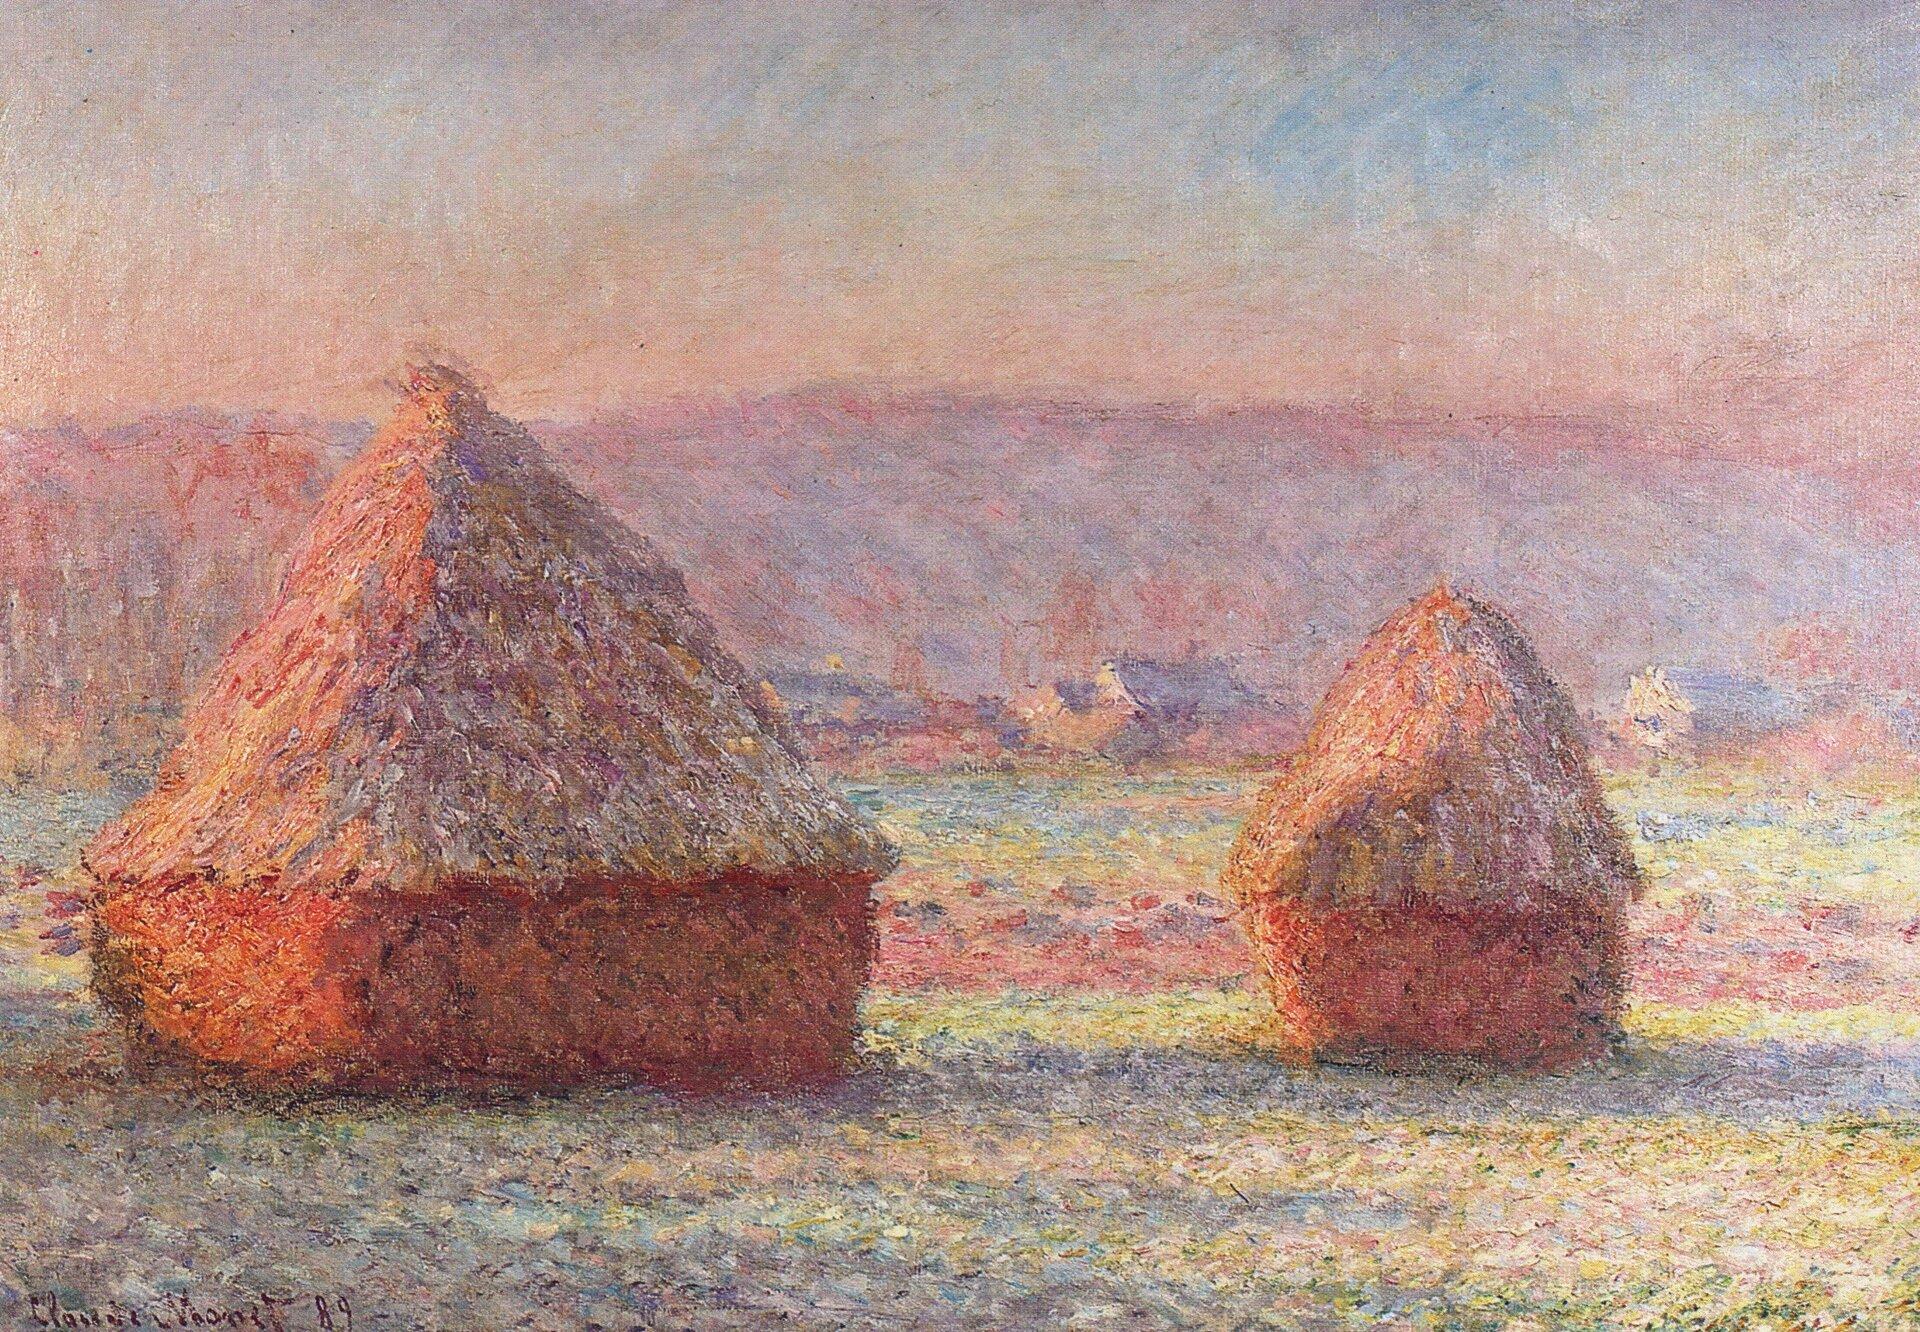 """Ilustracja przedstawia obraz Claude'a Moneta pt. """"Biały mróz, wschód słońca"""". Na obrazie widoczne są stogi siana owschodzie słońca, wśrodku mroźnej zimy. Monet podkreślił zimny kontrast między białą zimą, aczerwonymi snopkami."""